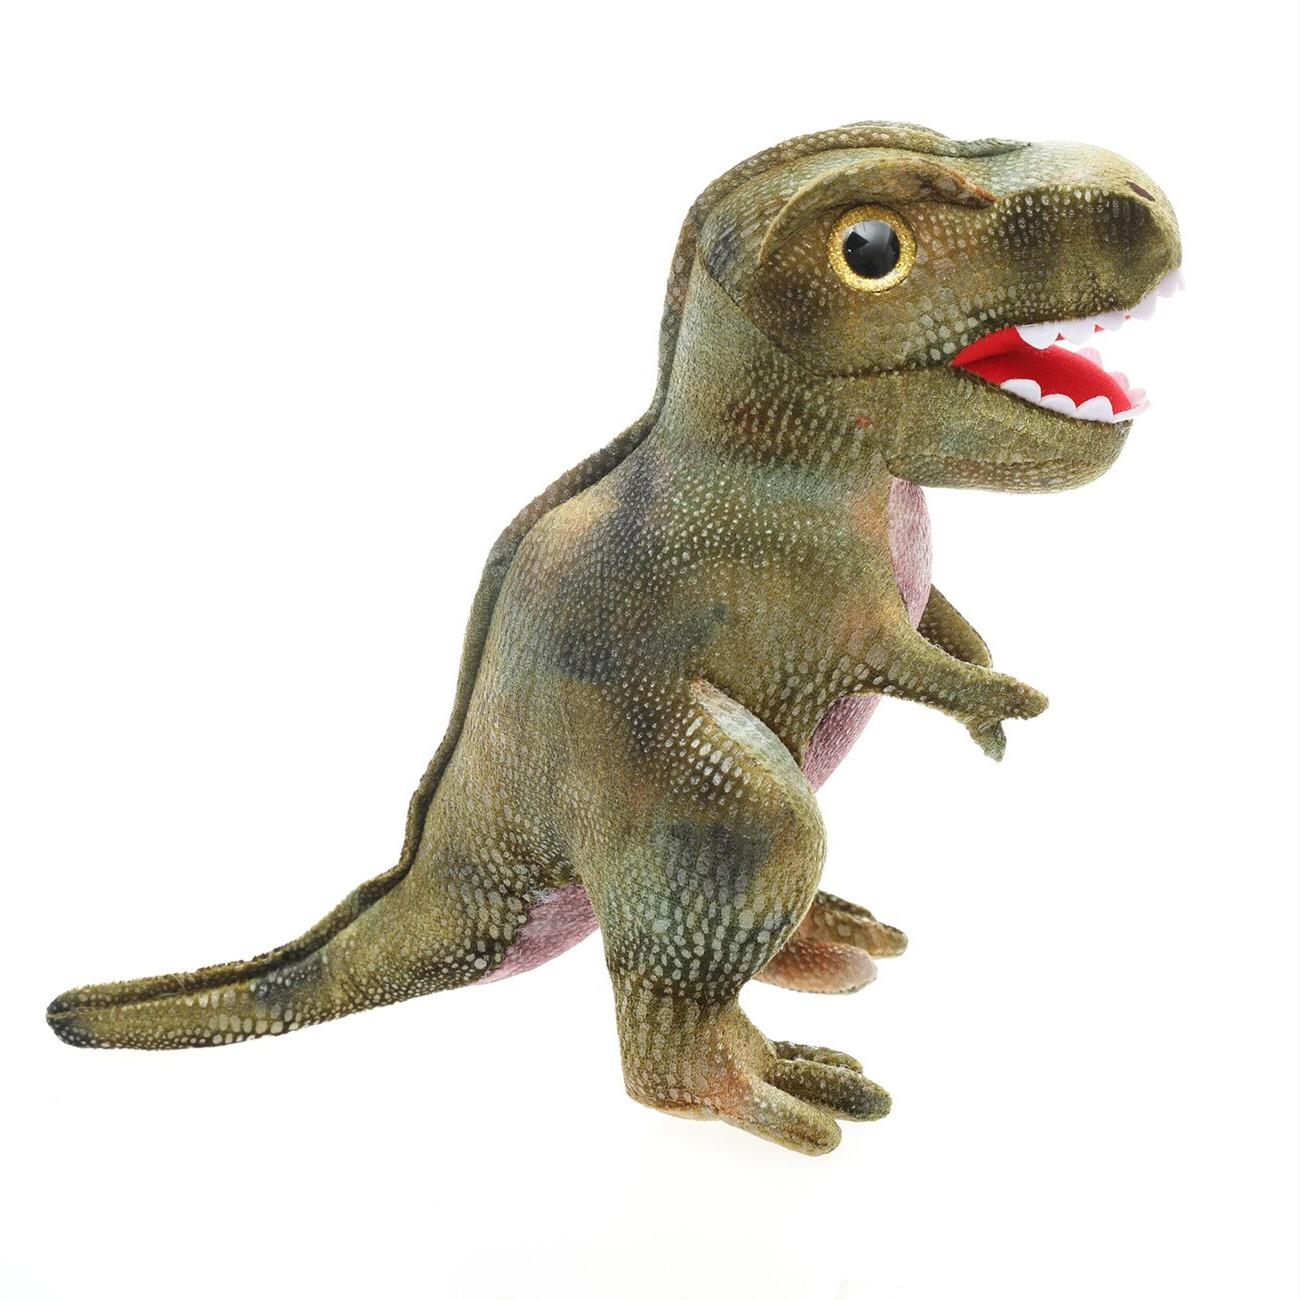 42cm <font><b>Wild</b></font> <font><b>Republic</b></font> T-Rex Animal for Kids Dinosauria Tyrannosaurus Kids